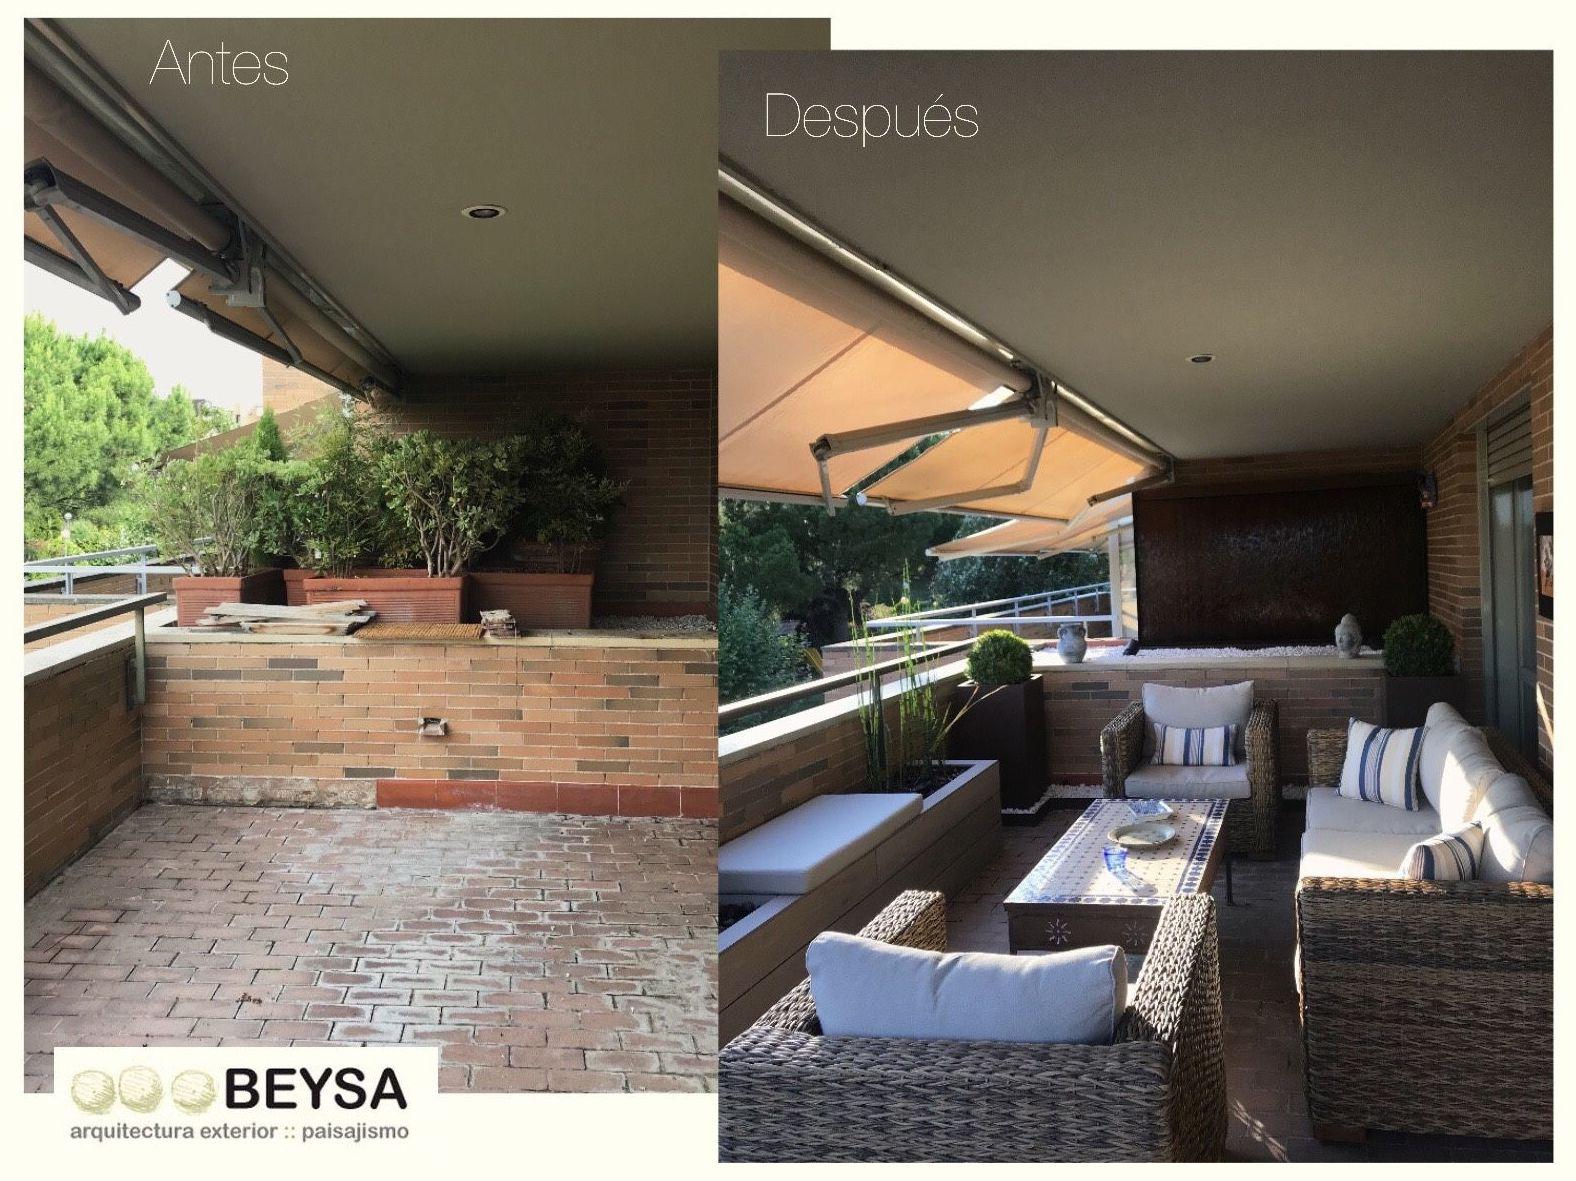 Foto 1 de Paisajismo en  | Beysa Arquitectura y Paisajismo